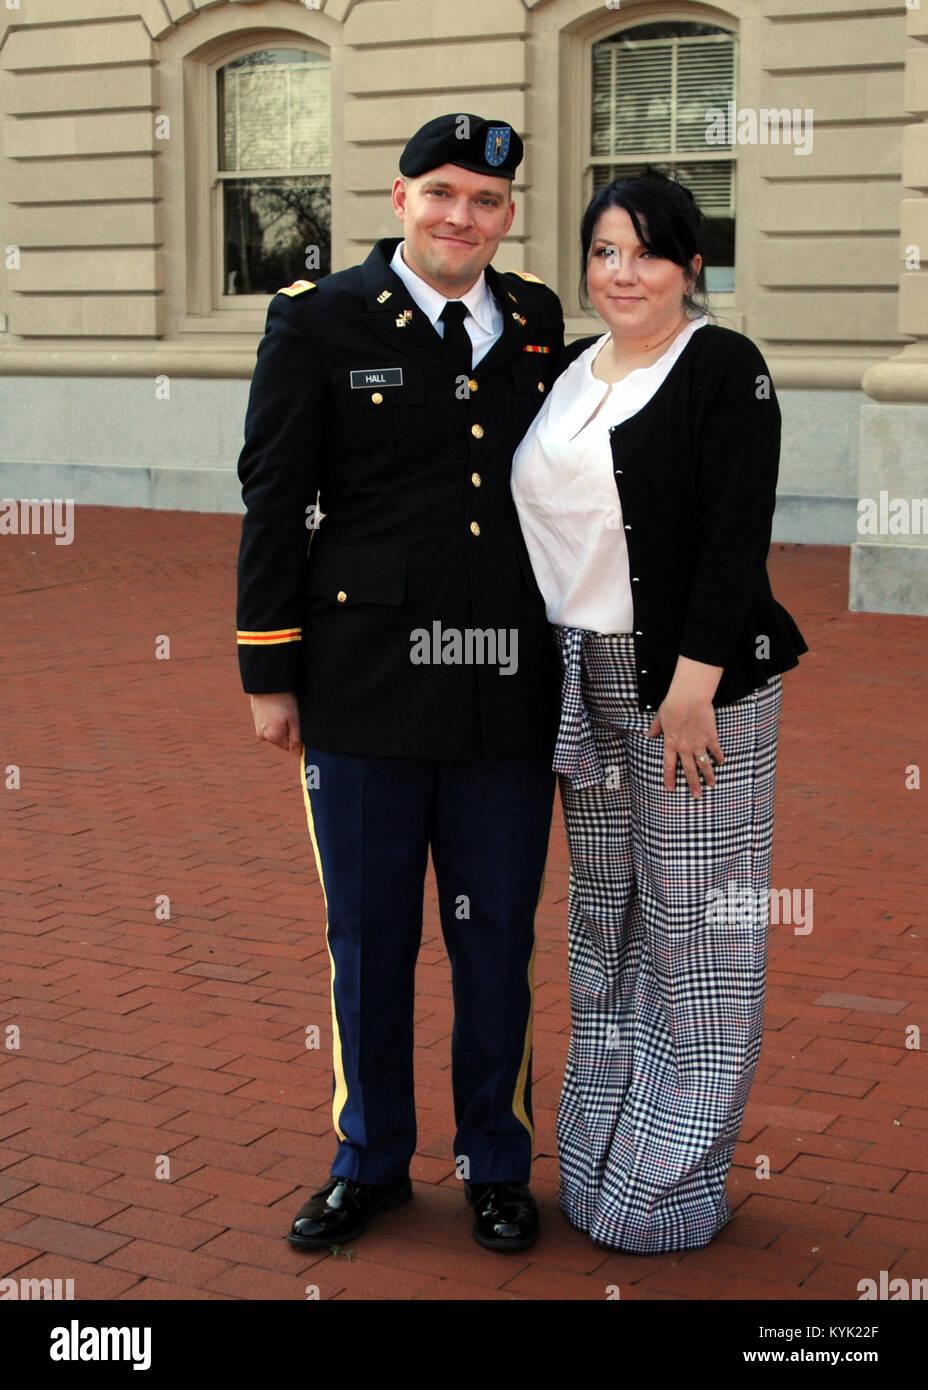 recién promovido el subteniente jeremy hall posa con su esposa